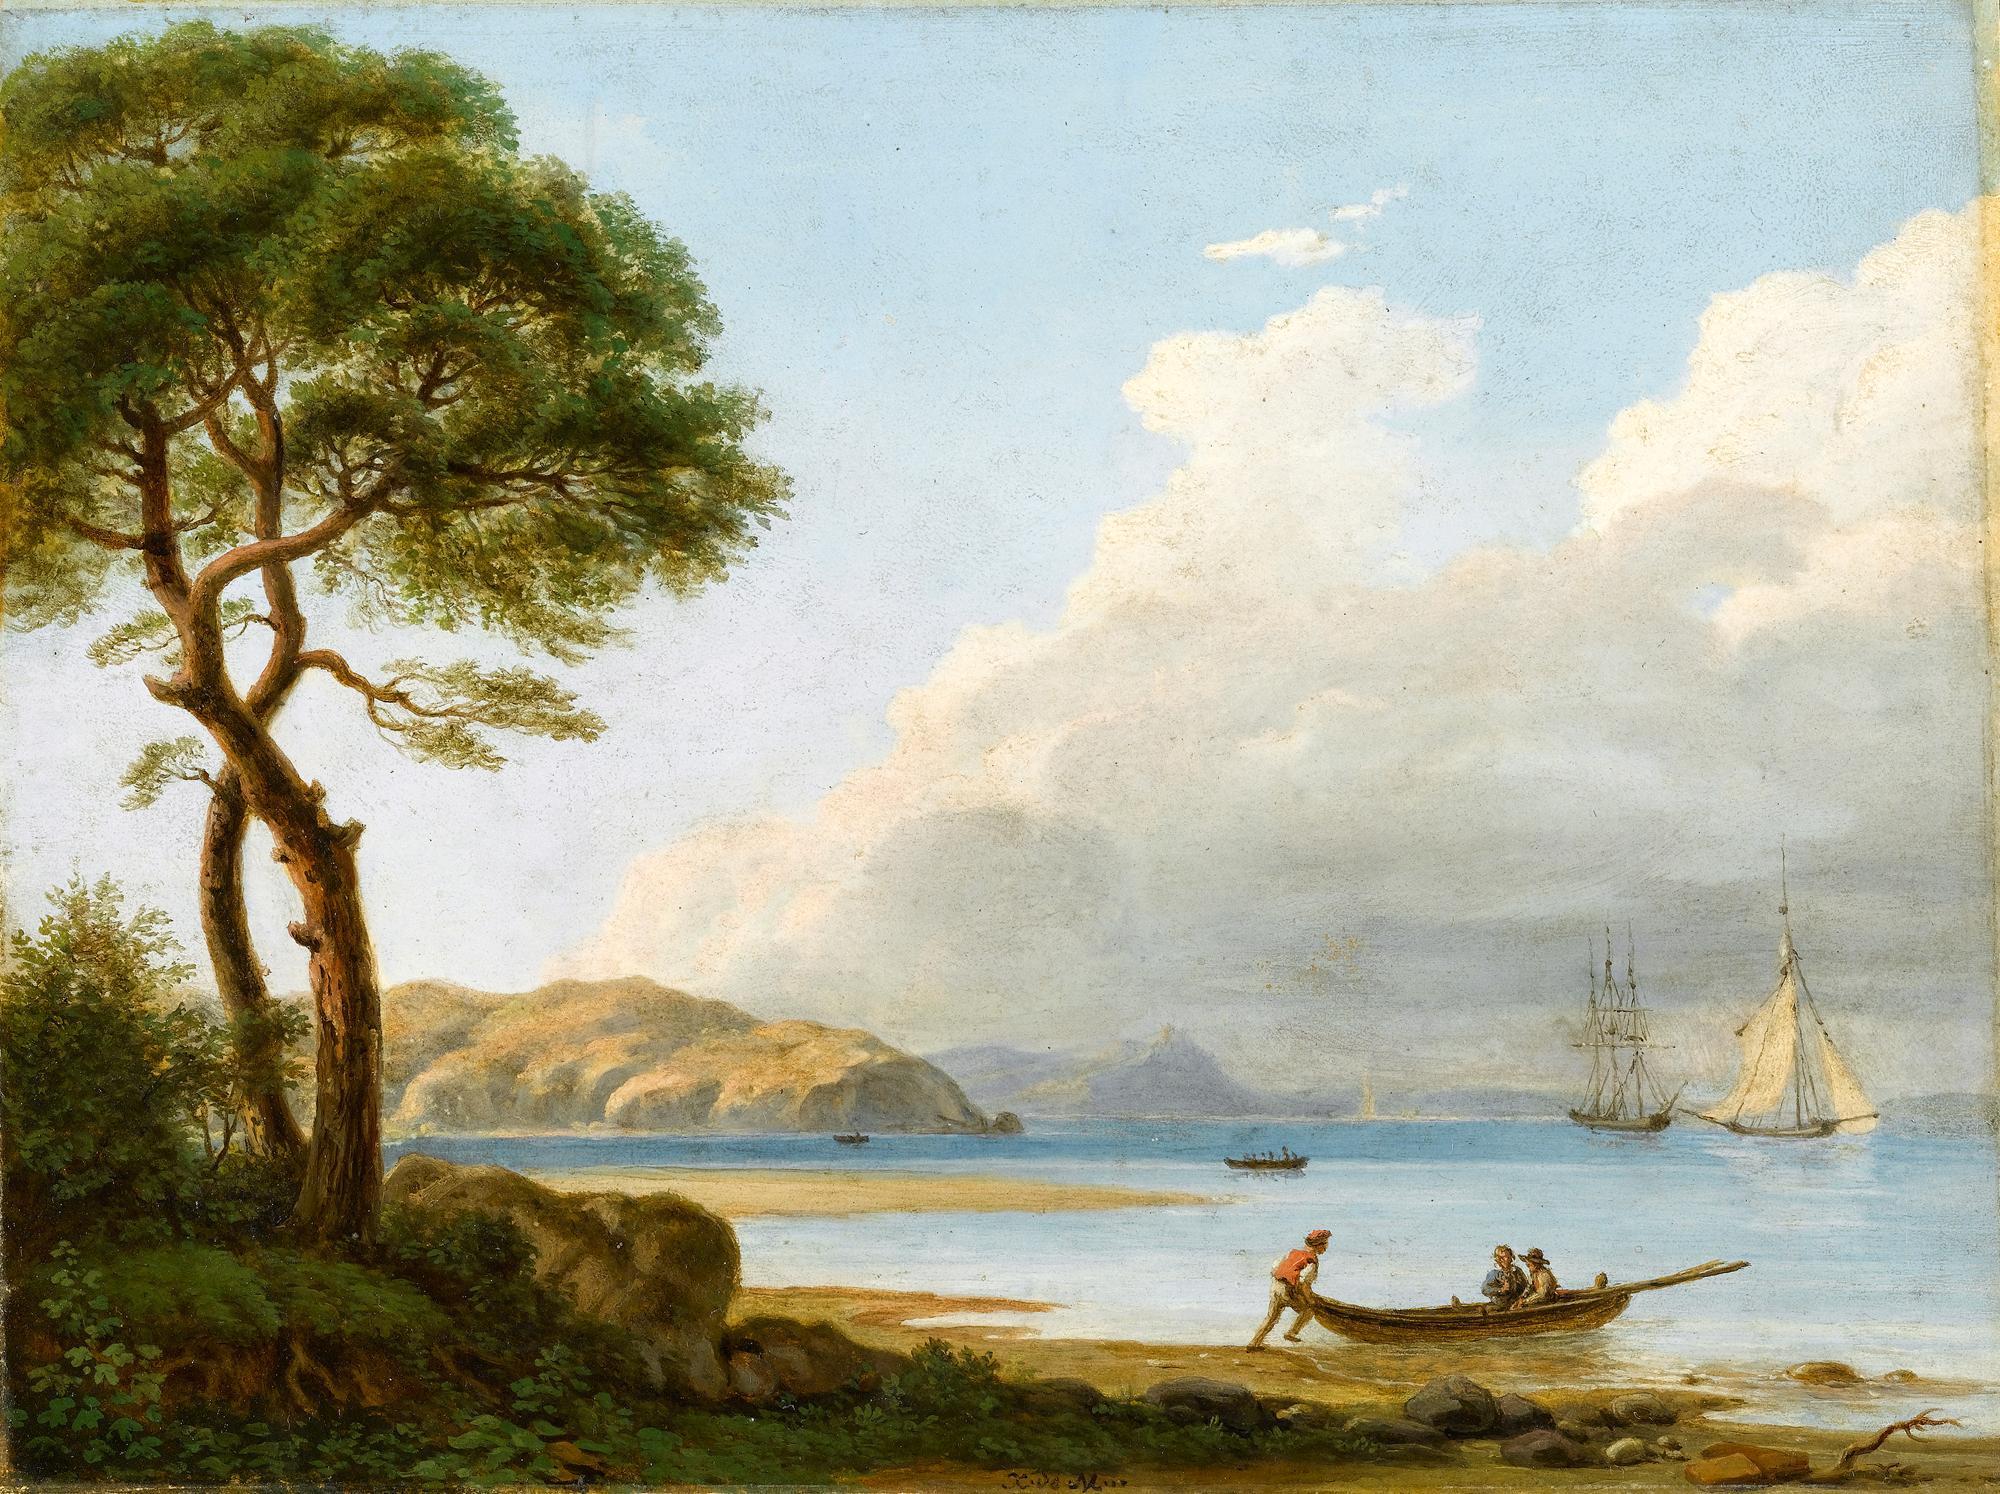 Xavier de Maistre's painting,  The Farewell